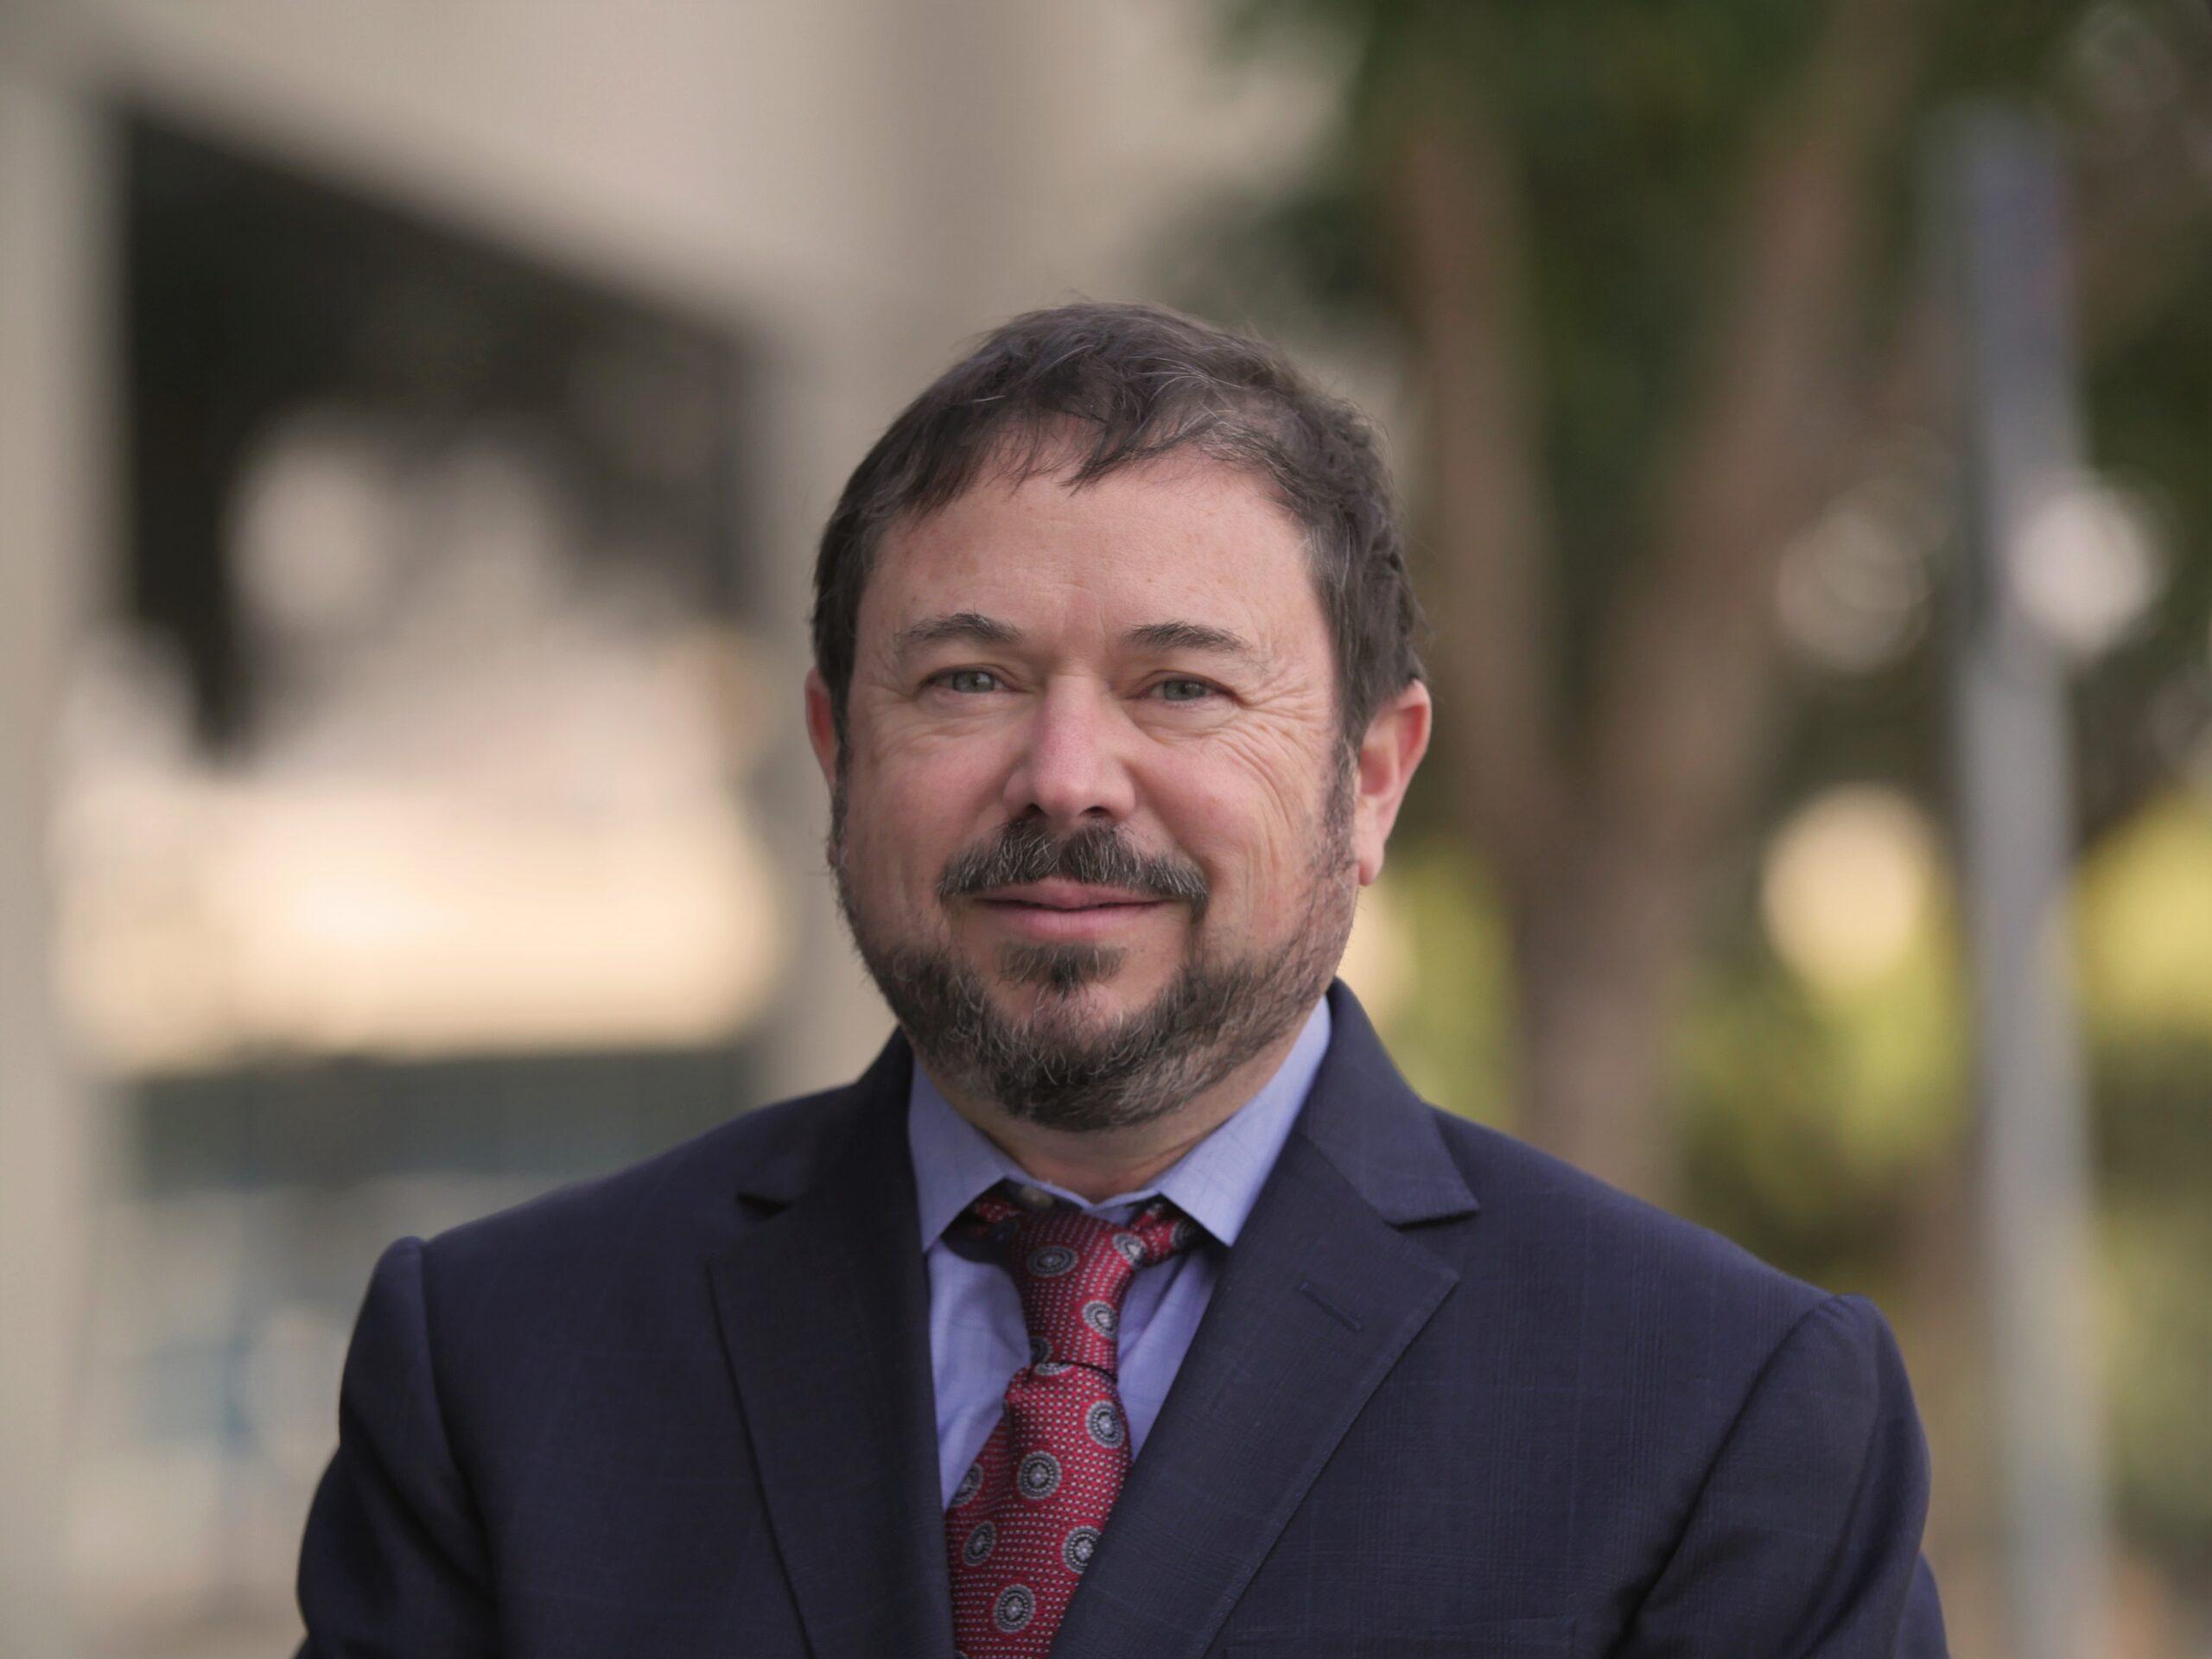 Gerson Bers, LEED AP